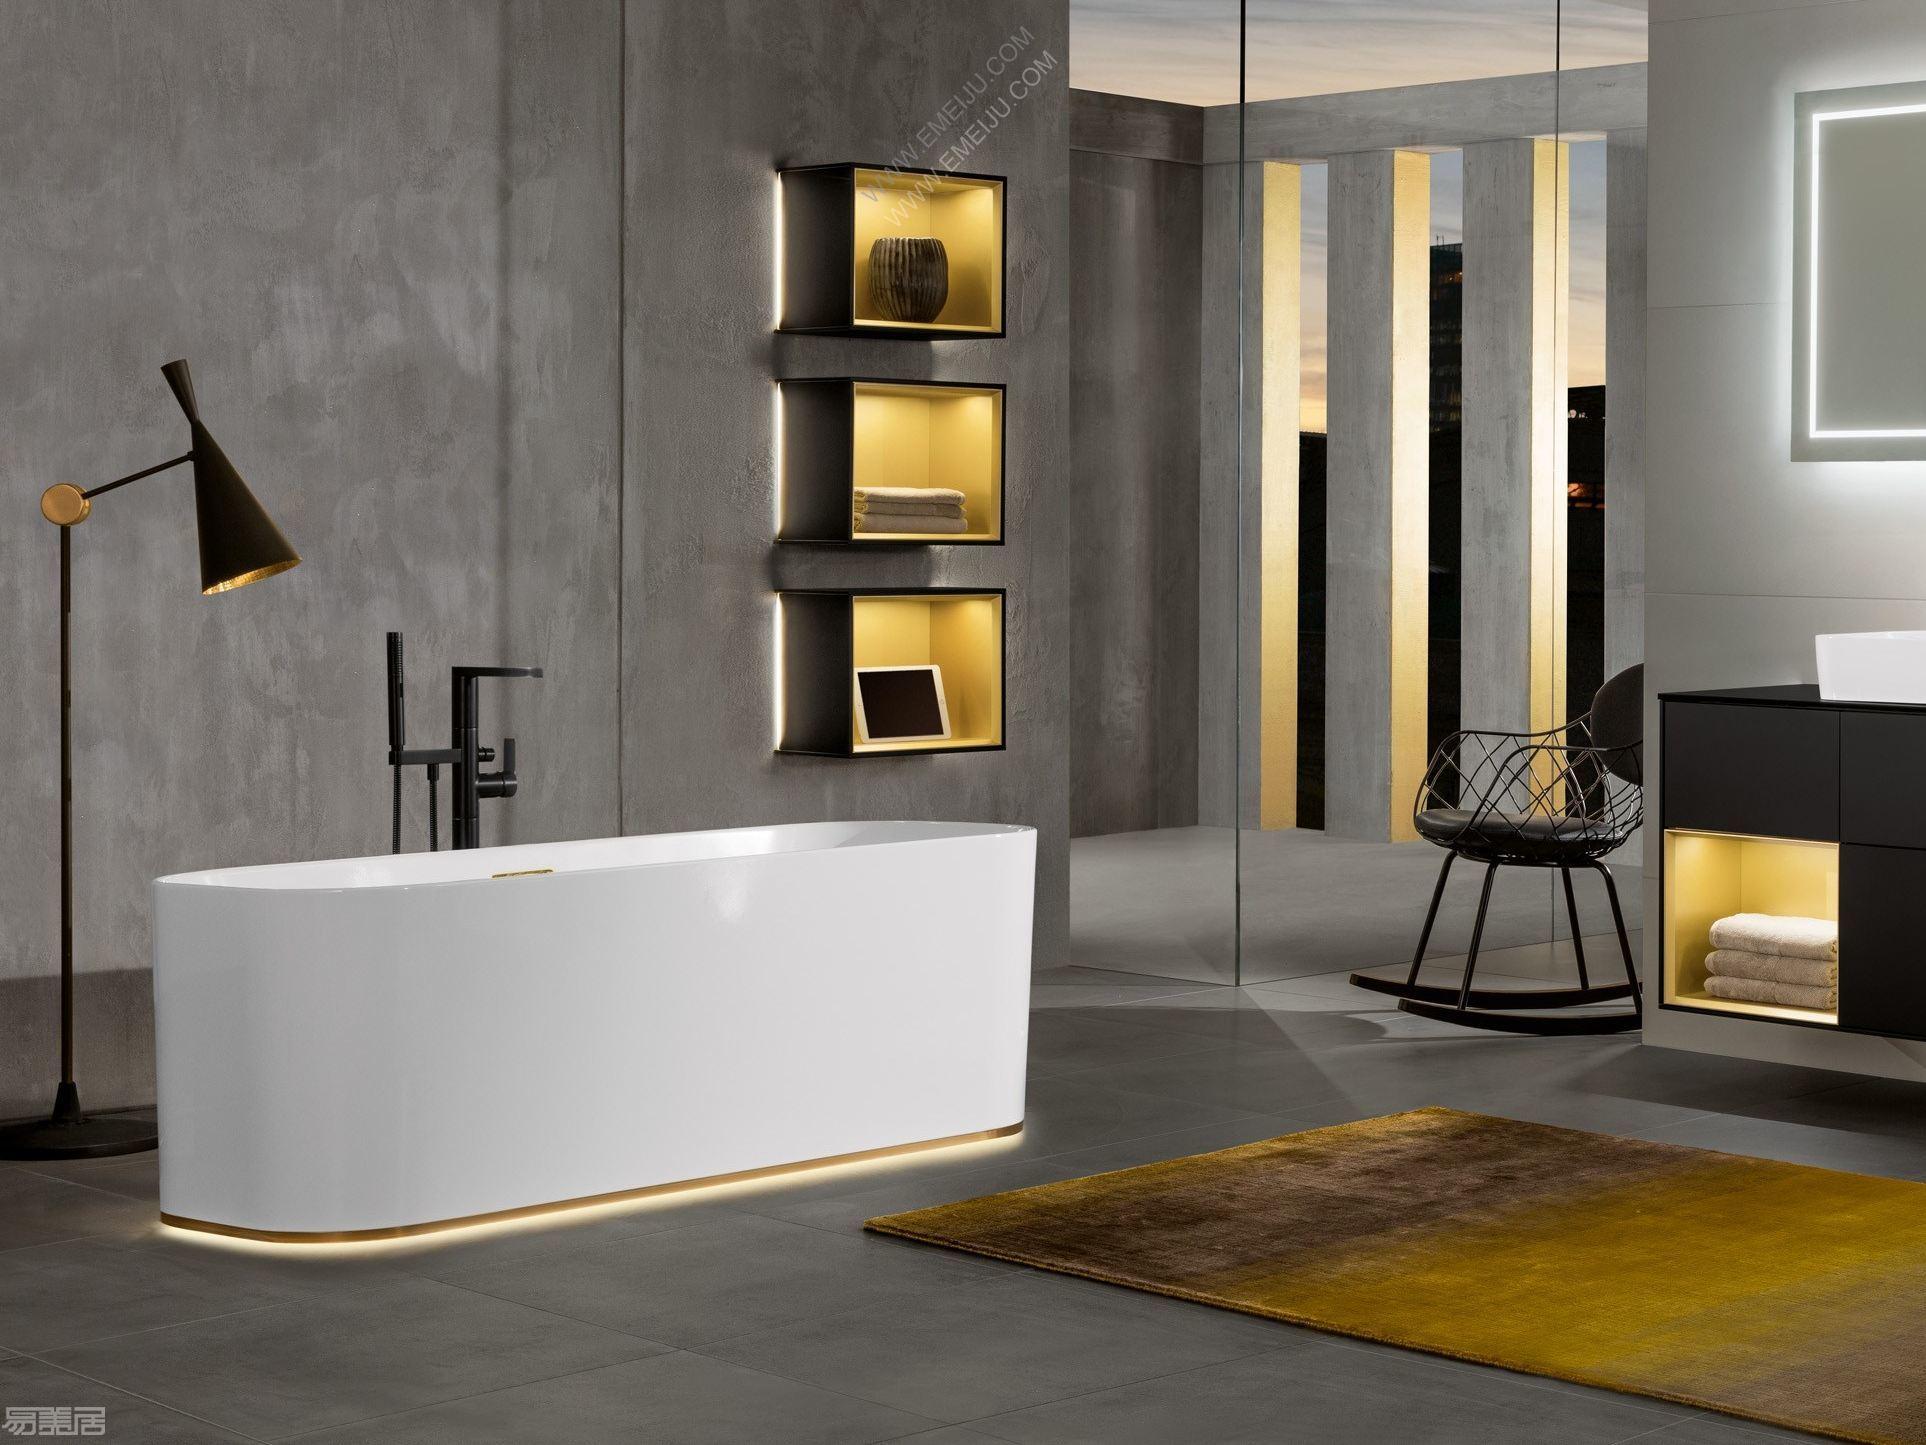 FINION-Freestanding-bathtub-Villeroy-Boch-296267-rela5dd9765.jpg